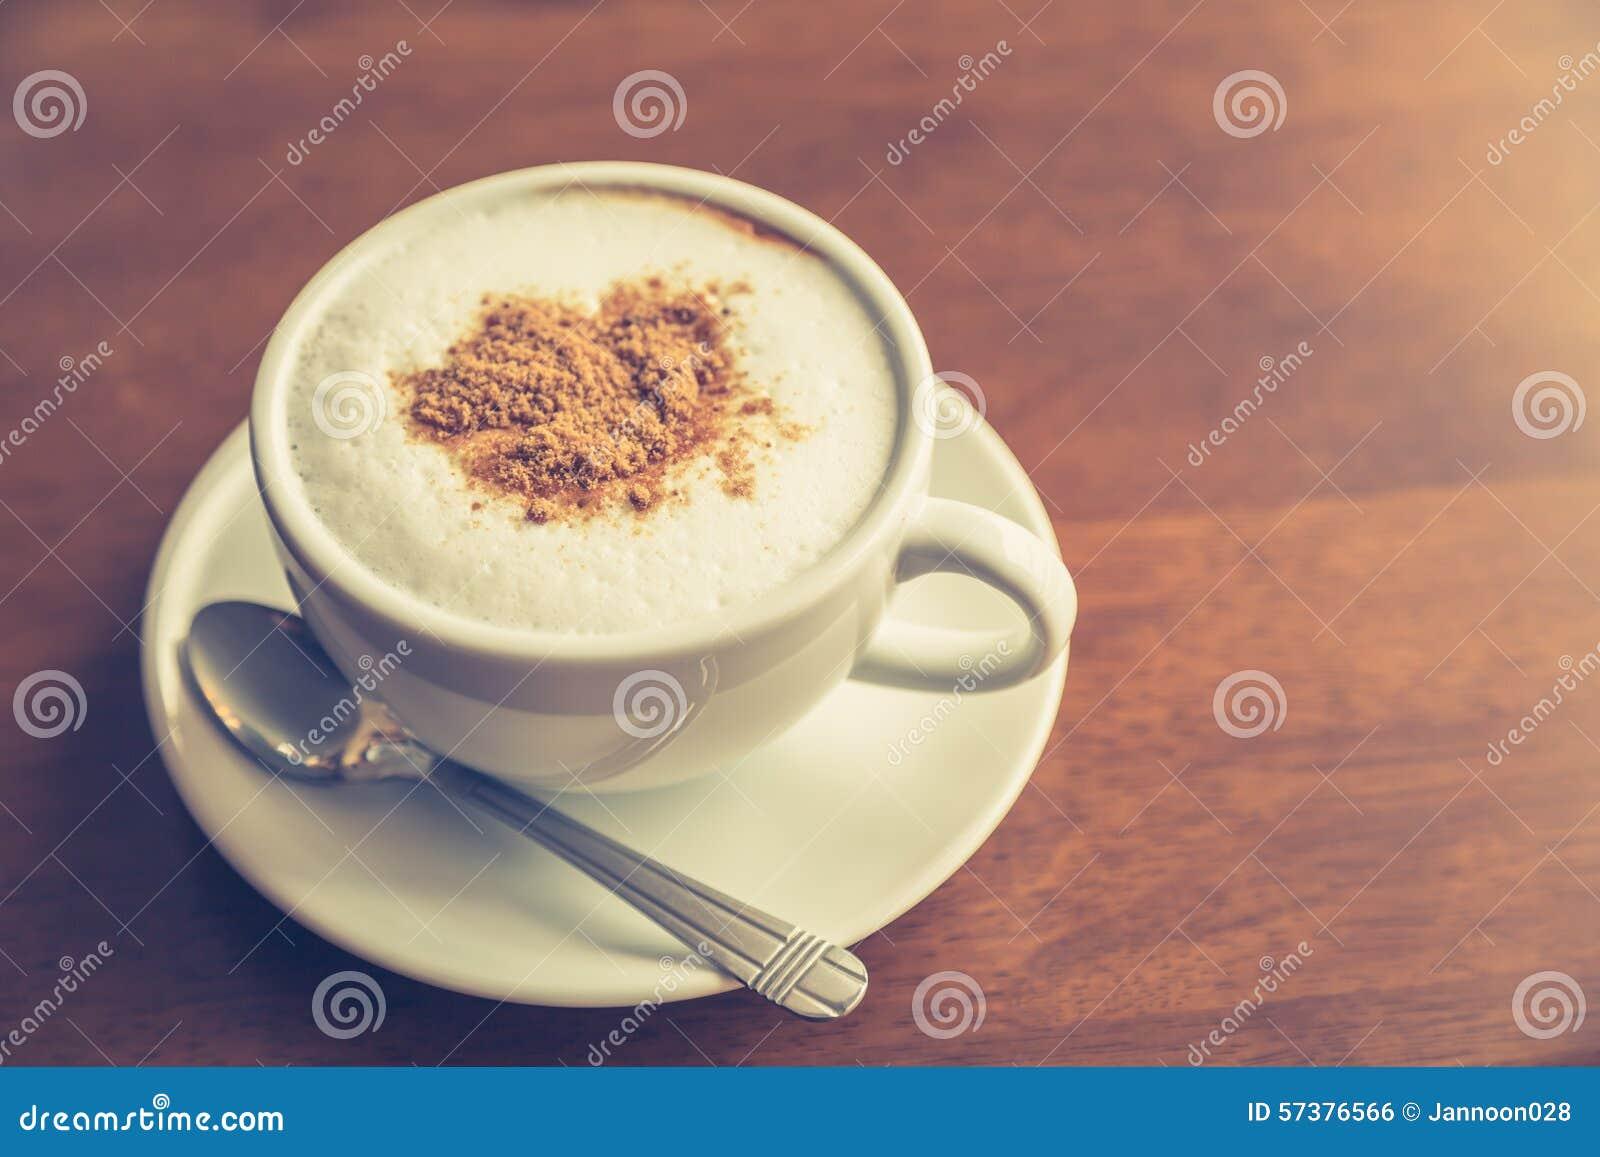 De hete koffie van de lattekunst (Gefiltreerde beeld verwerkte wijnoogst